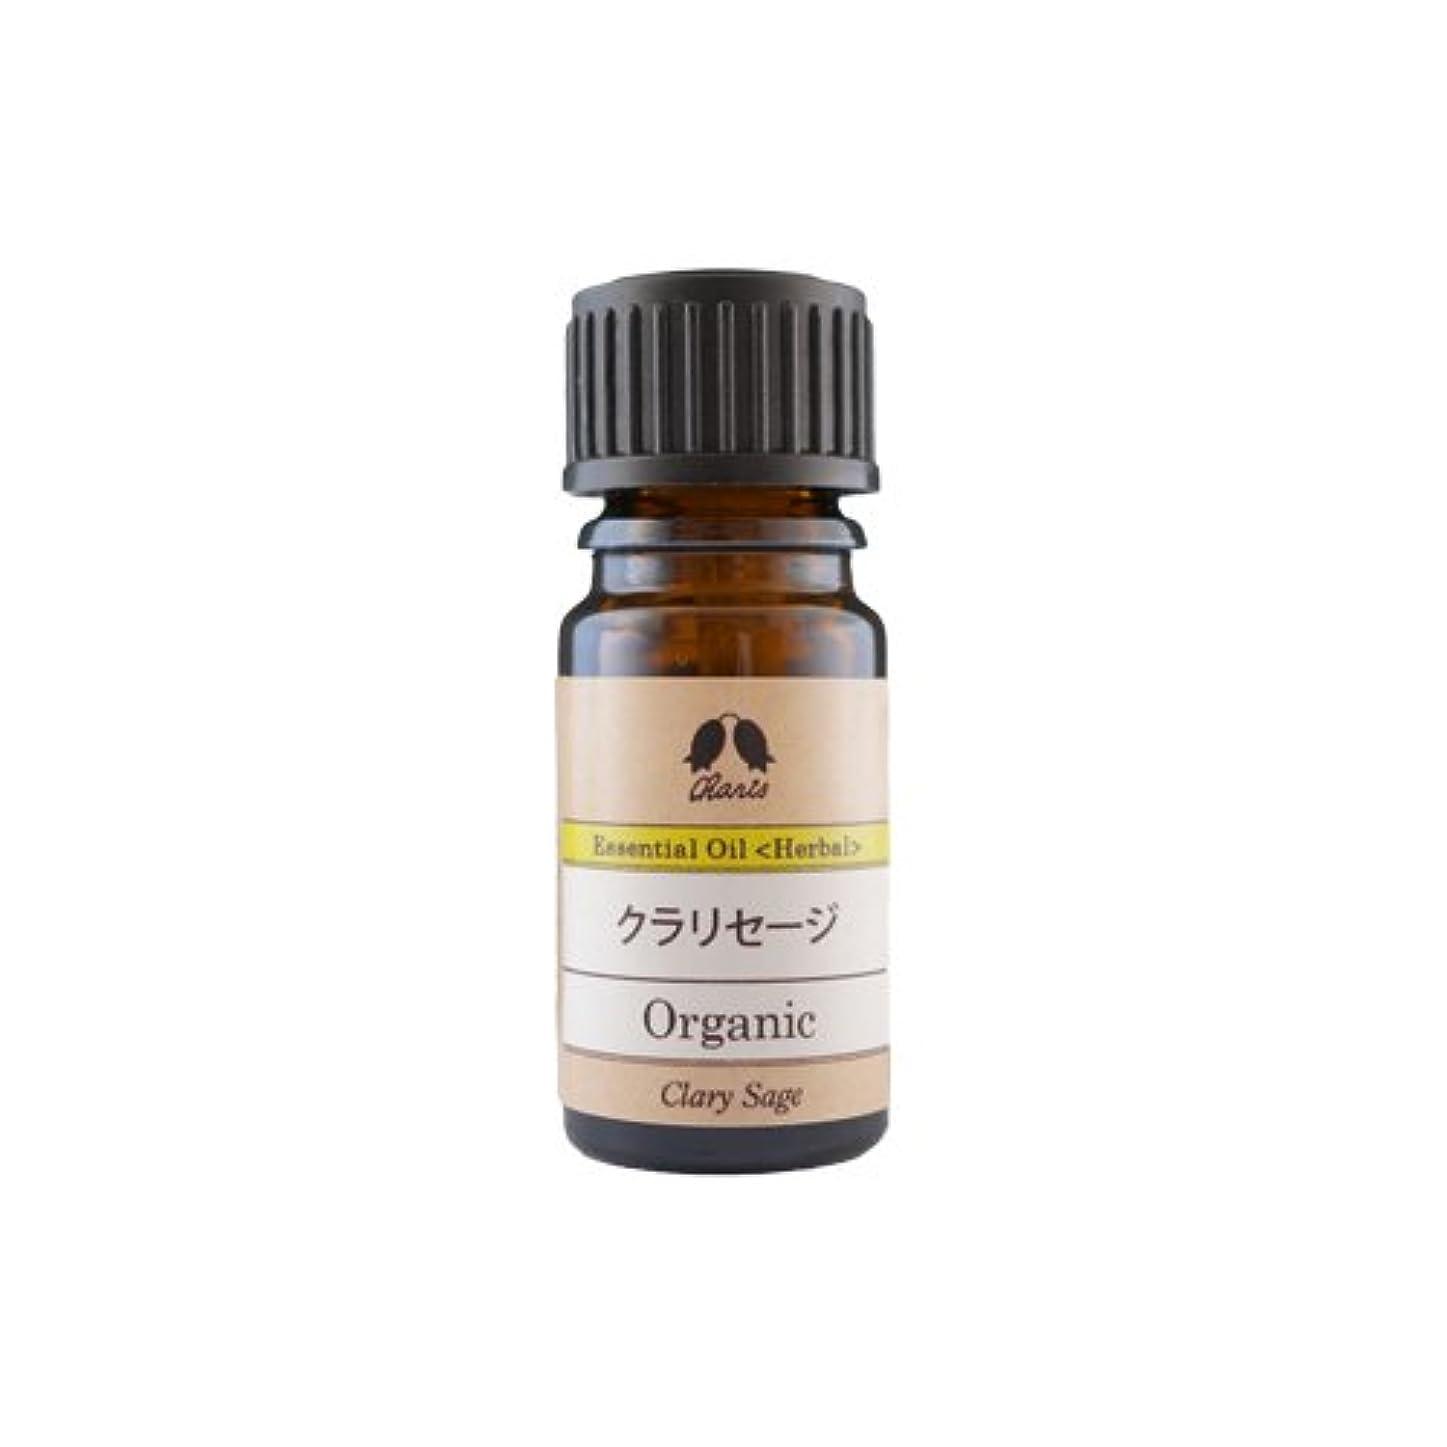 消毒剤ベルベット穴カリス クラリセージ オーガニック オイル 5ml